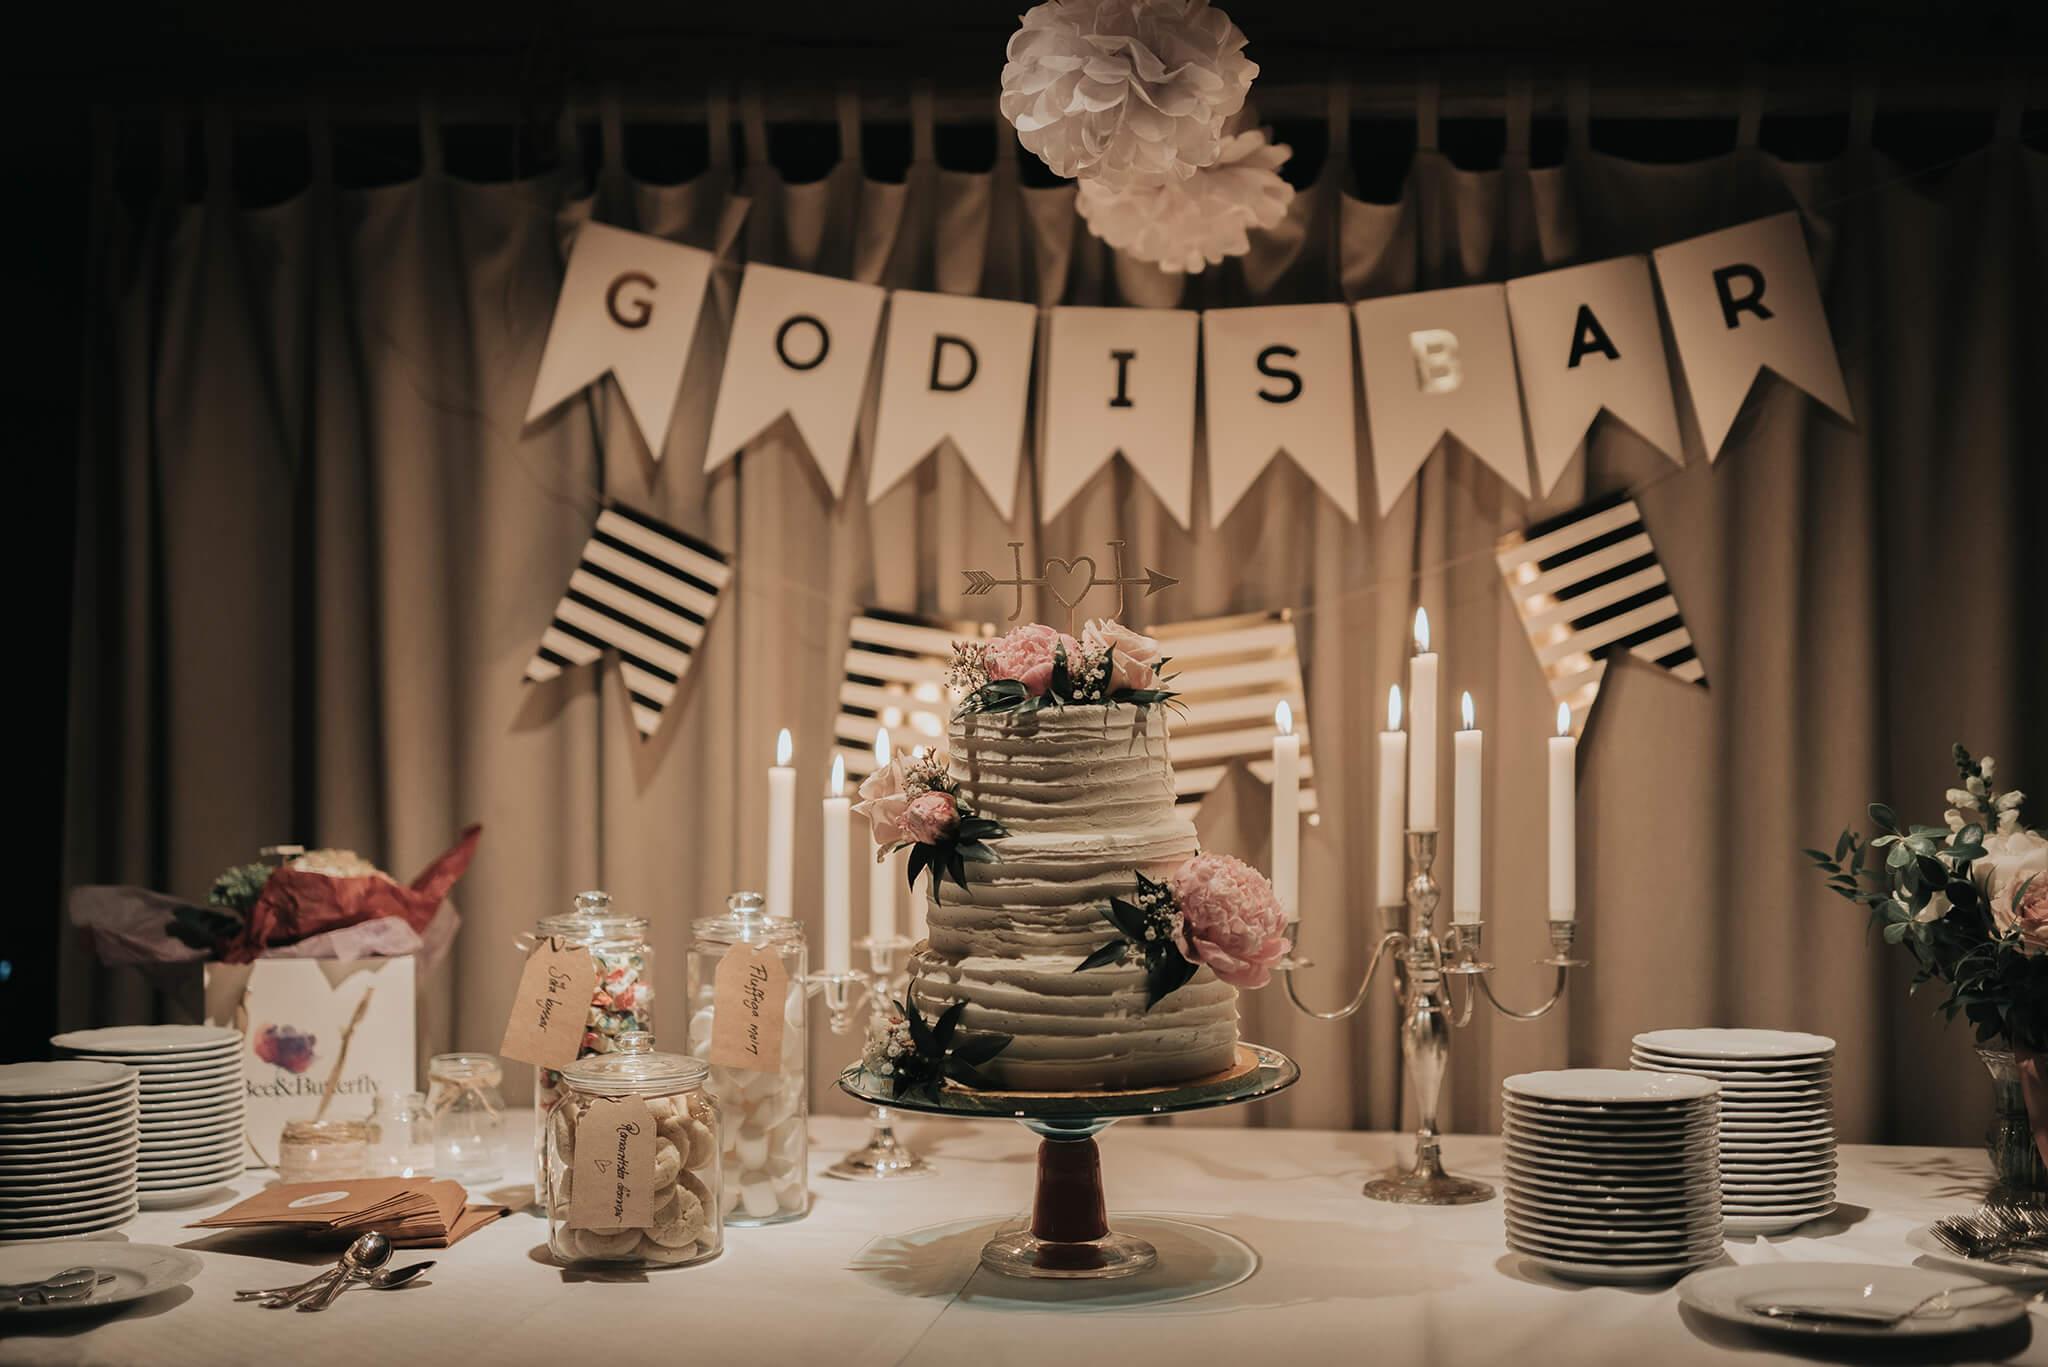 Bröllopstårta Norrköping, Linköping, Stockholm, Nyköping, Finspång, Rosenhanska Magasinet bakad av CakeByMelina